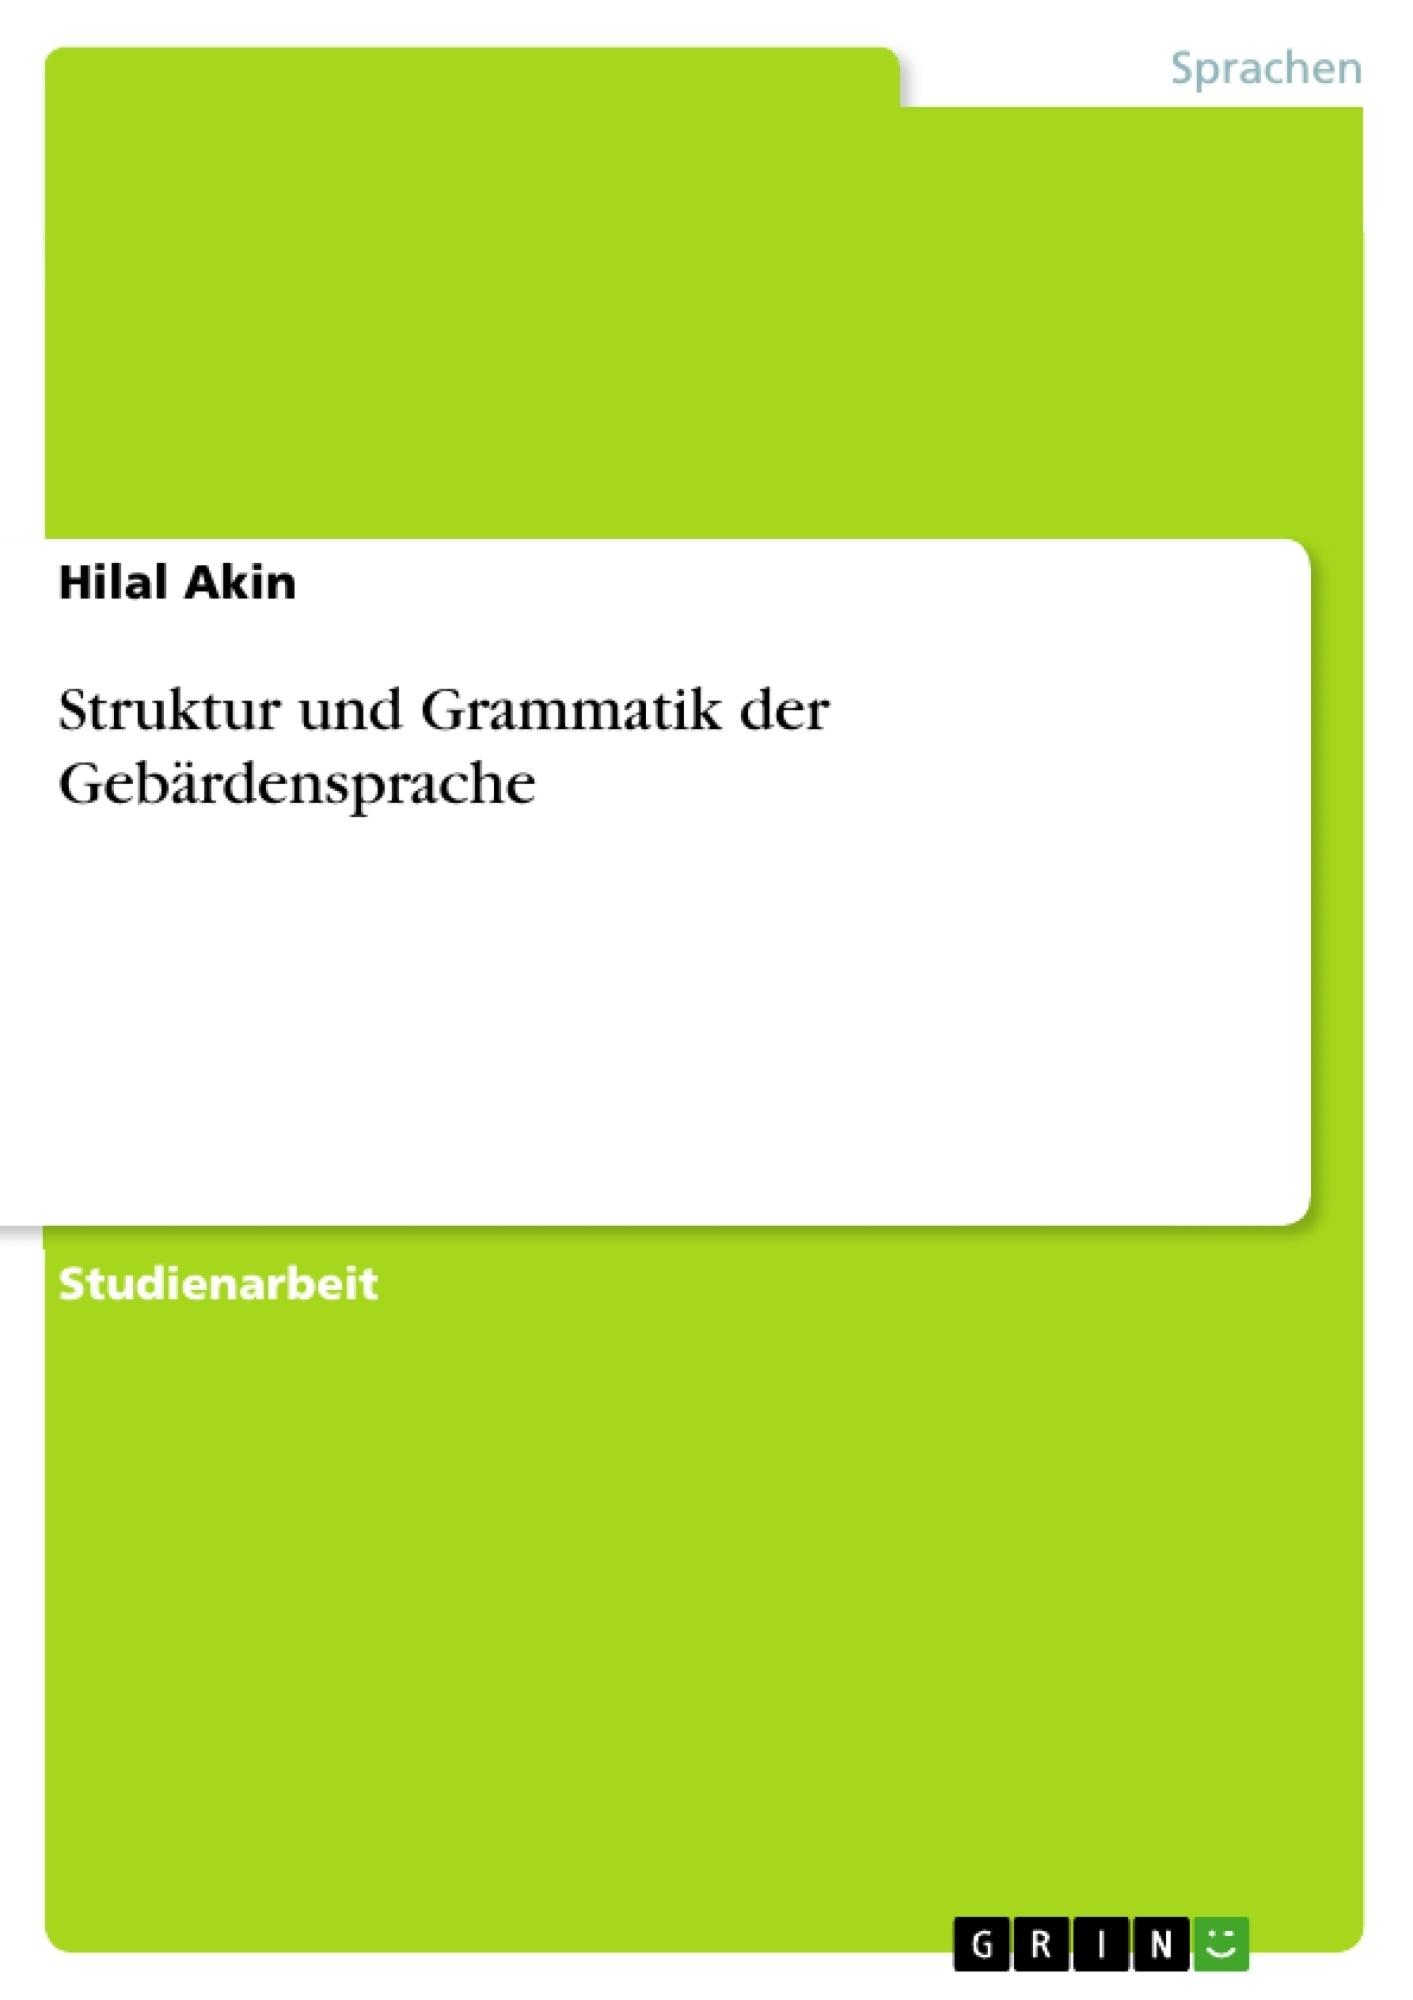 Titel: Struktur und Grammatik der Gebärdensprache